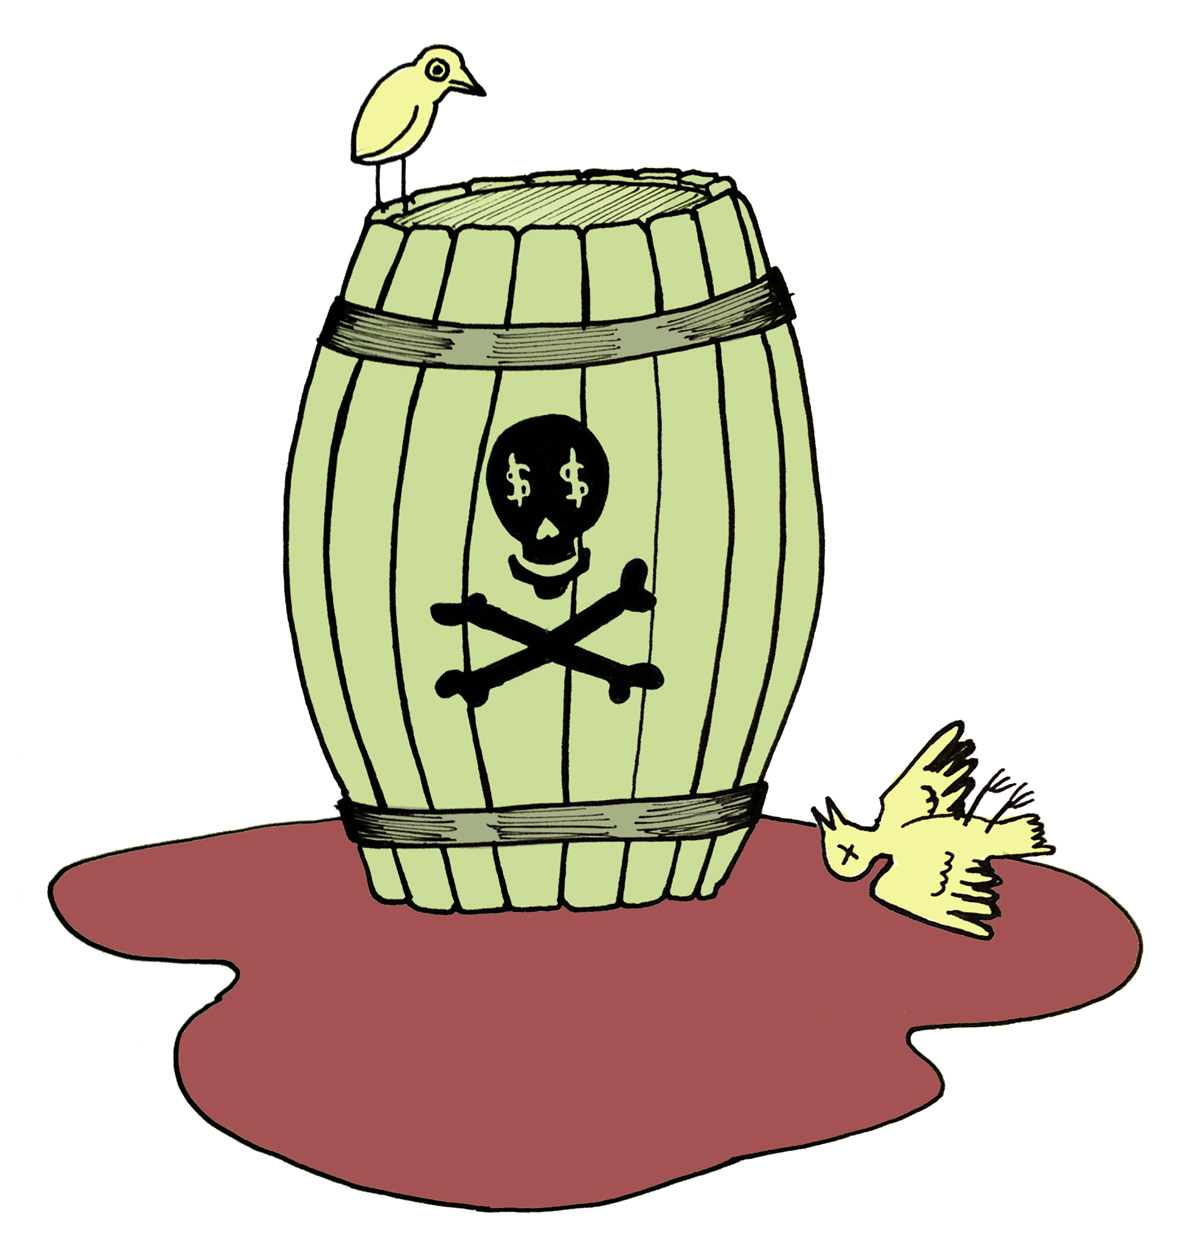 Wine Fraud Illustration Barral skull cross bones